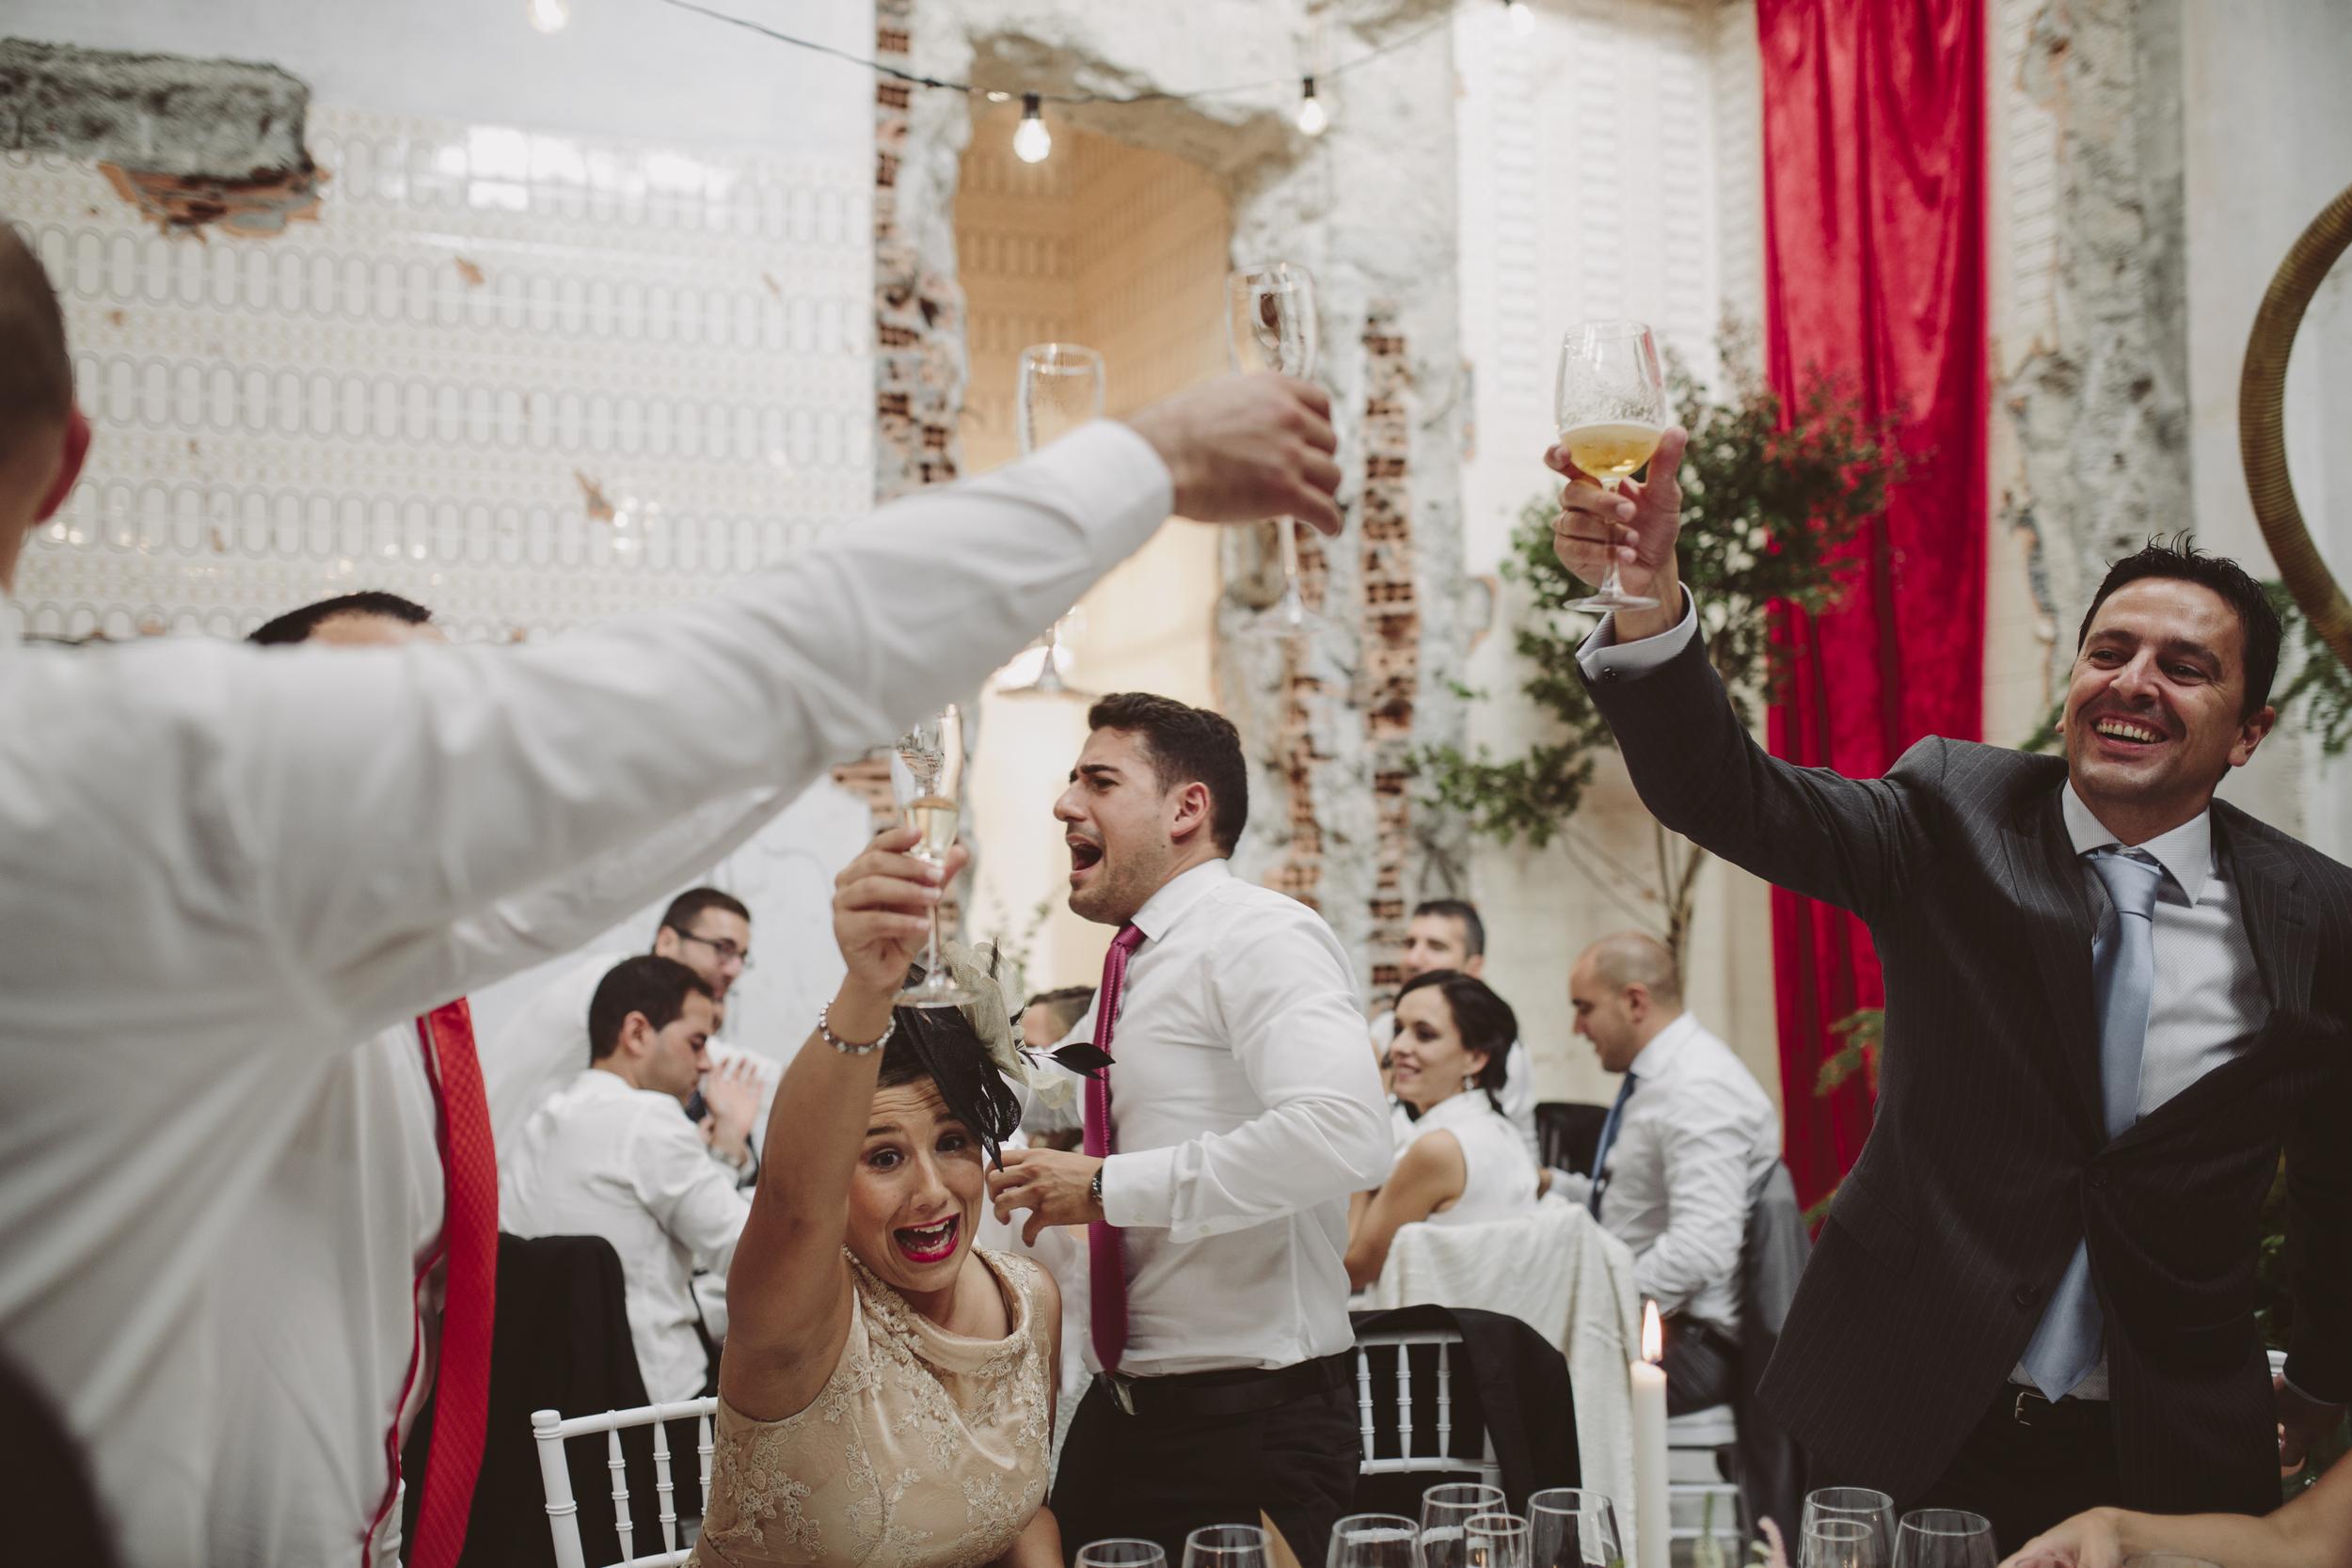 Fotografo bodas Pontevedra Graciela Vilagudin 652.jpg